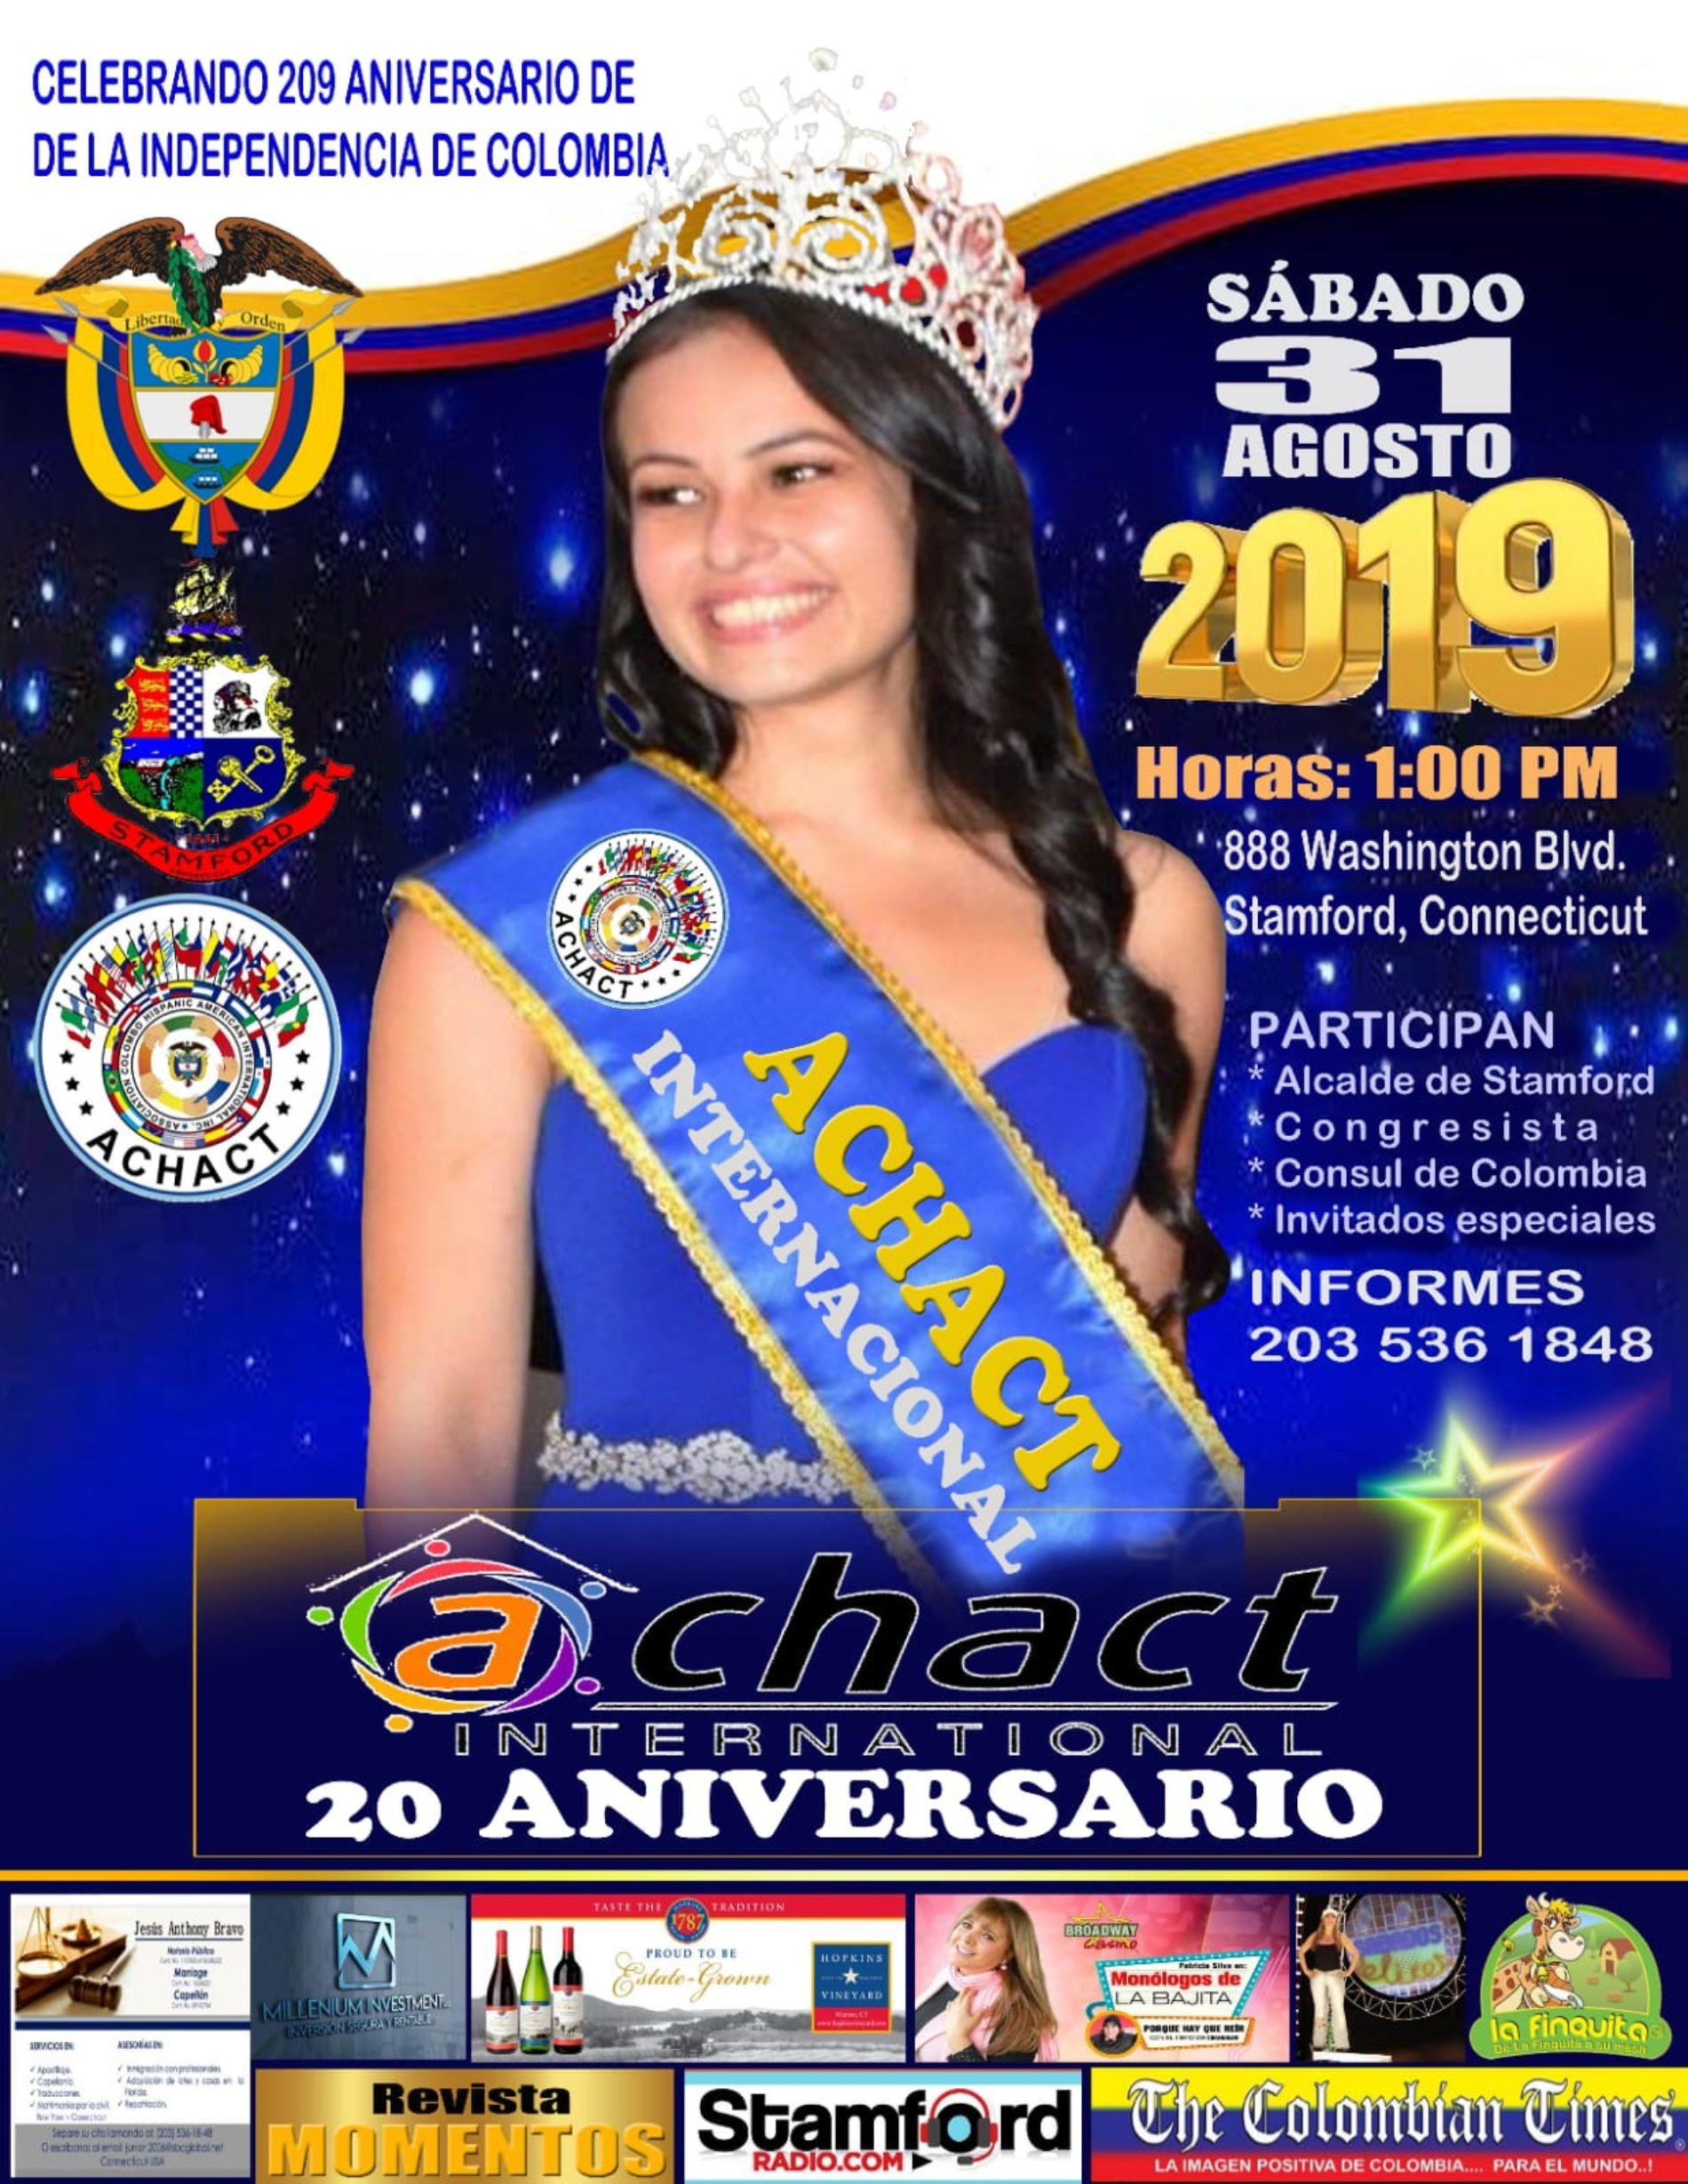 ACHACT CELEBRA EN CONNECTICUT EL ANIVERSARIO 209 DE LA INDEPENDENCIA DE COLOMBIA